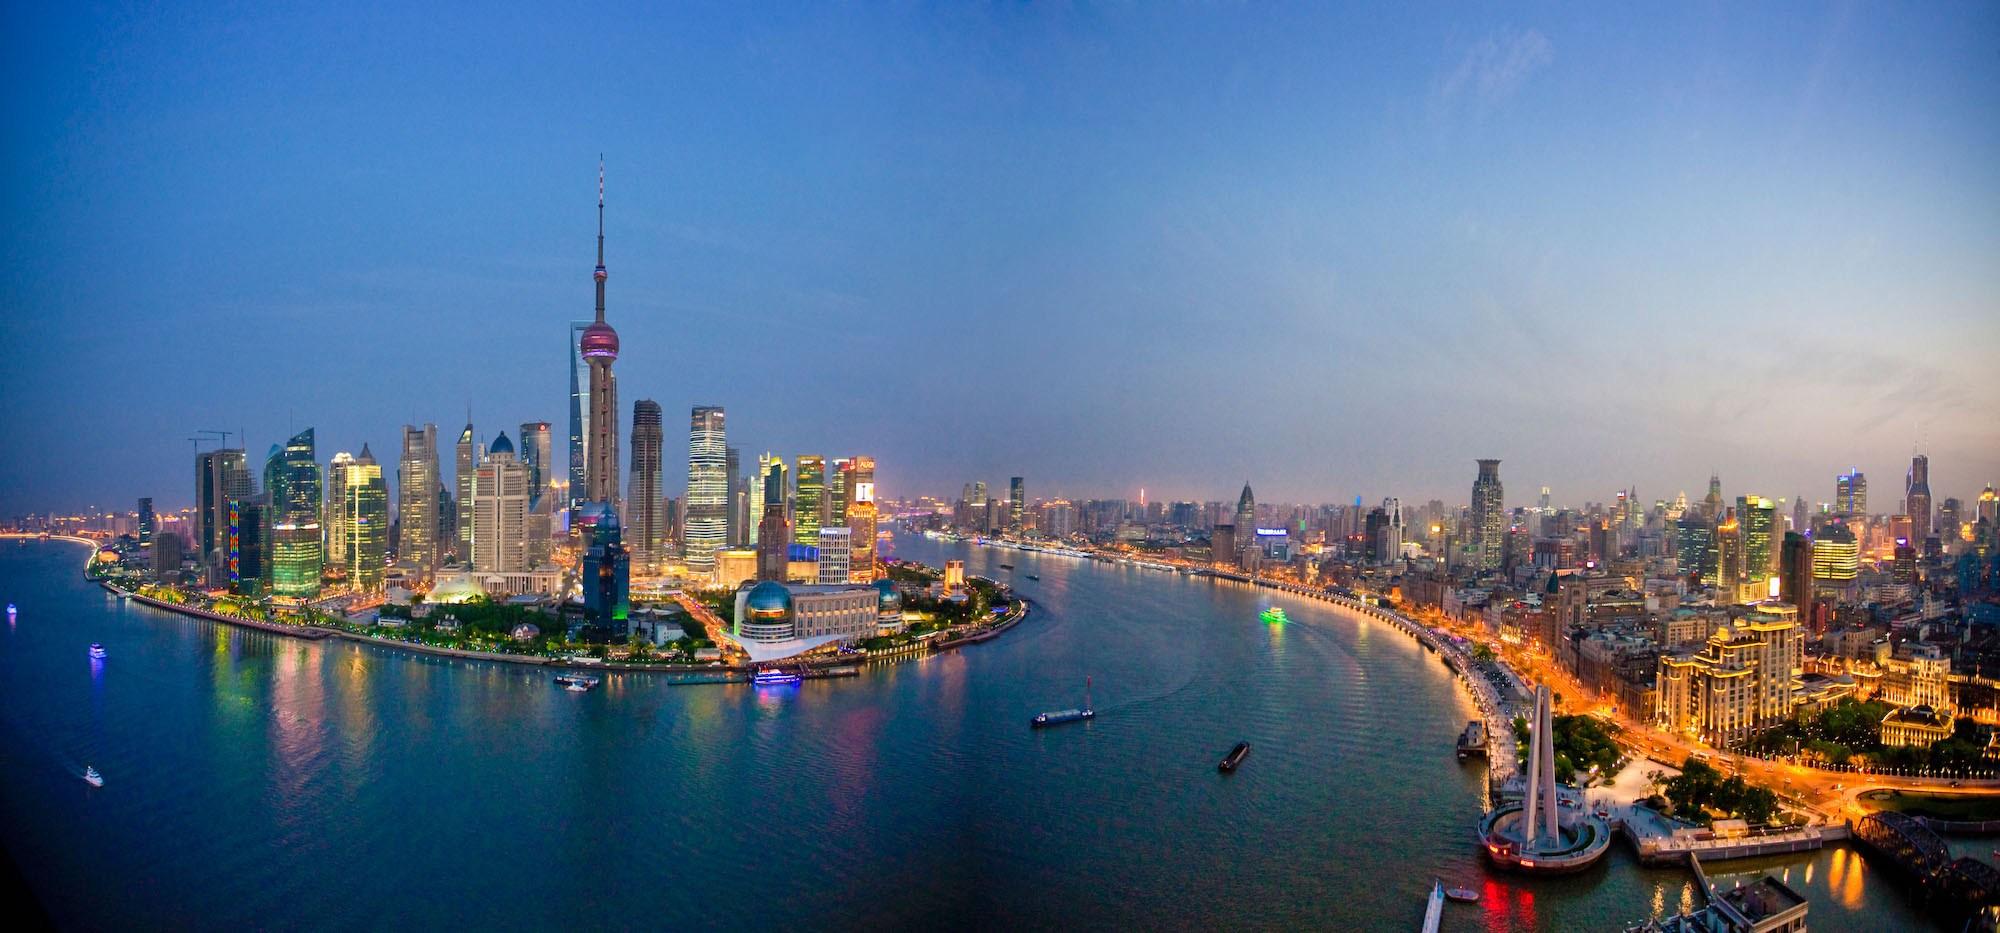 about-shanghai-1.jpg